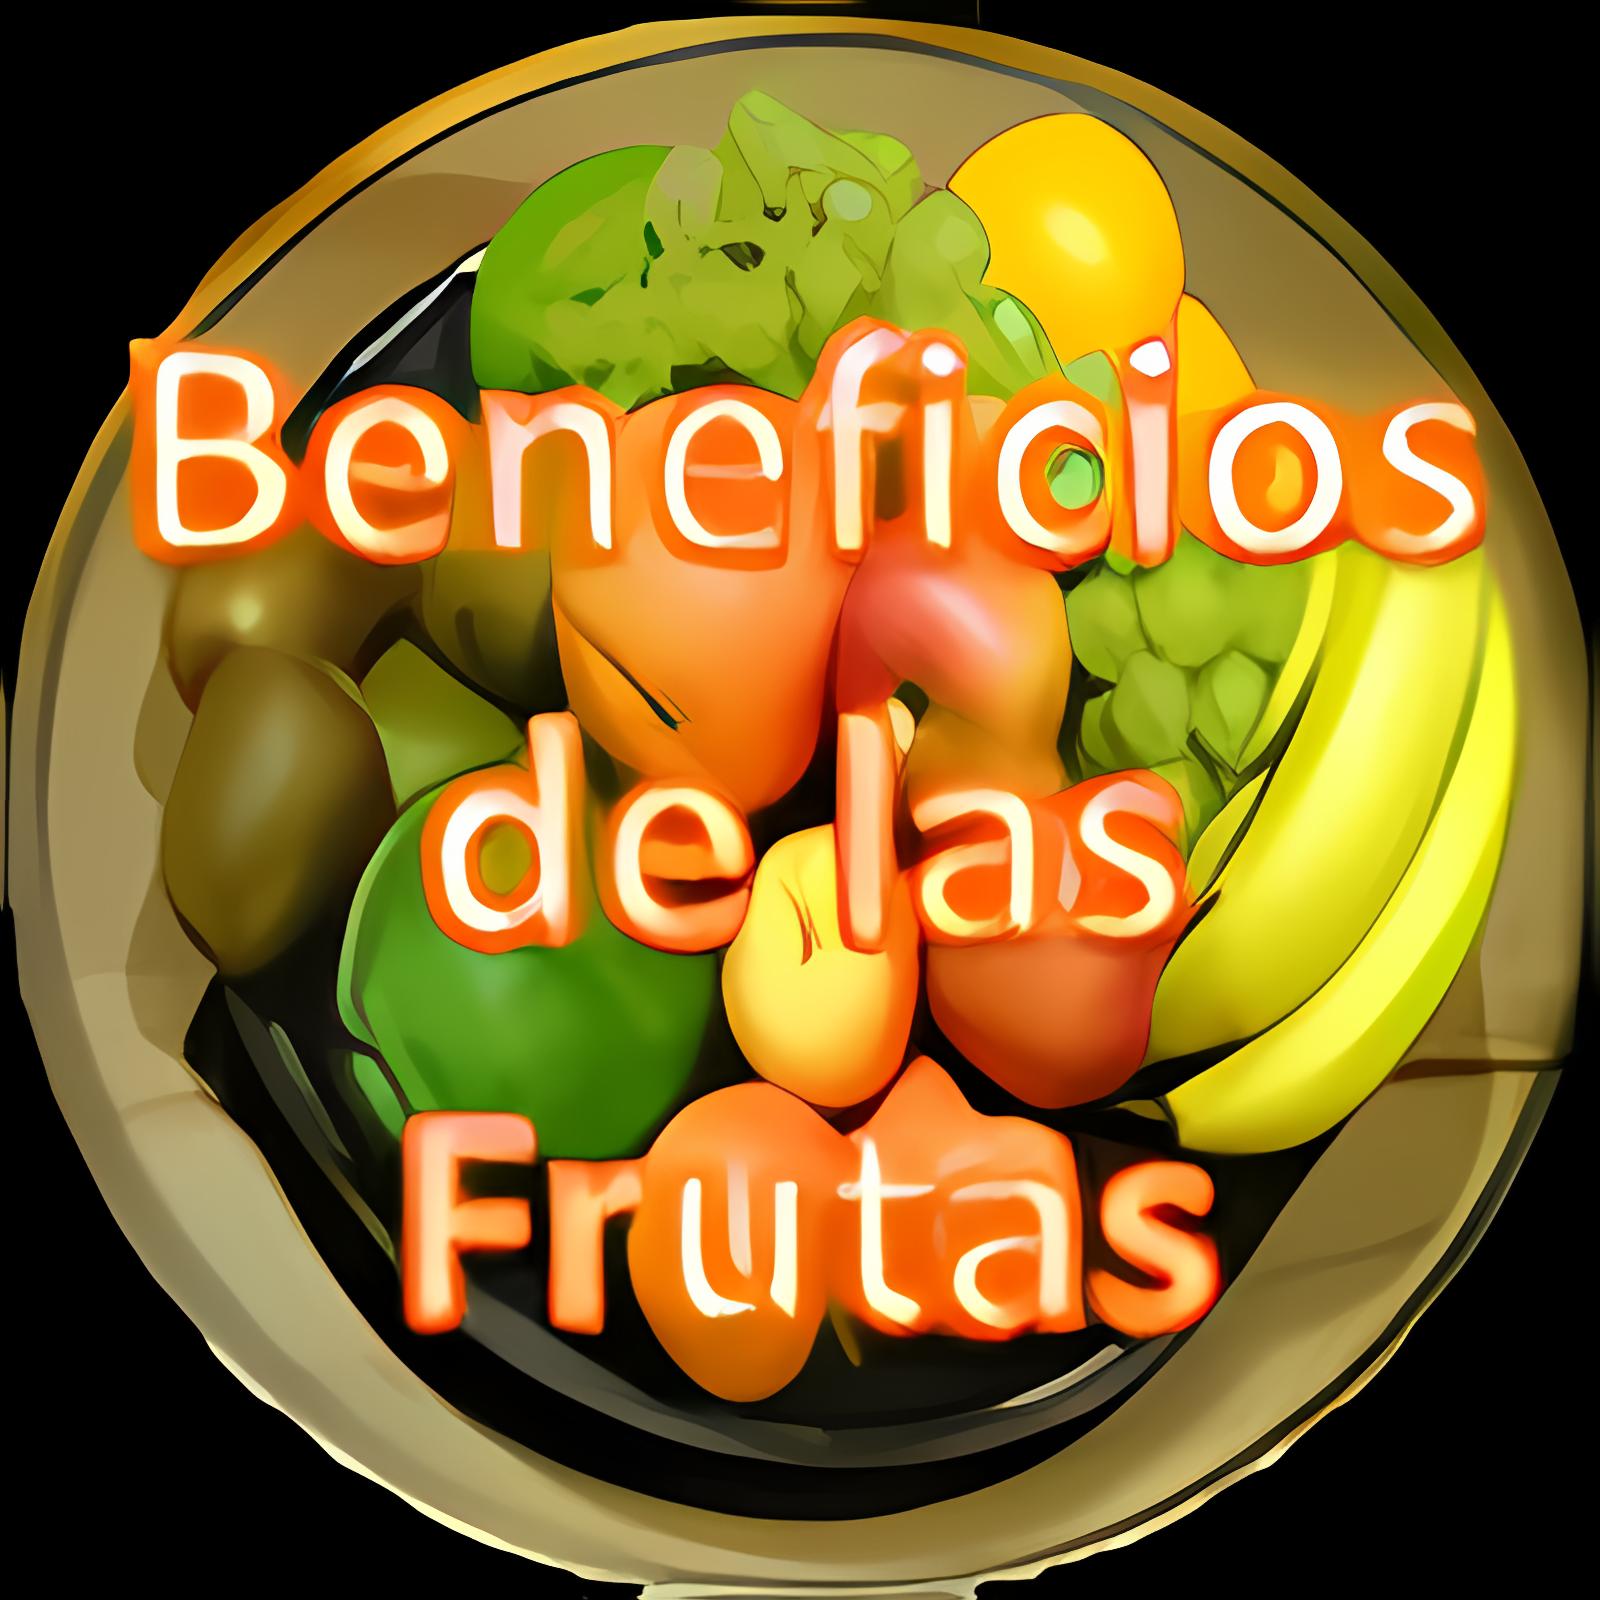 Beneficios de las Frutas 2.0